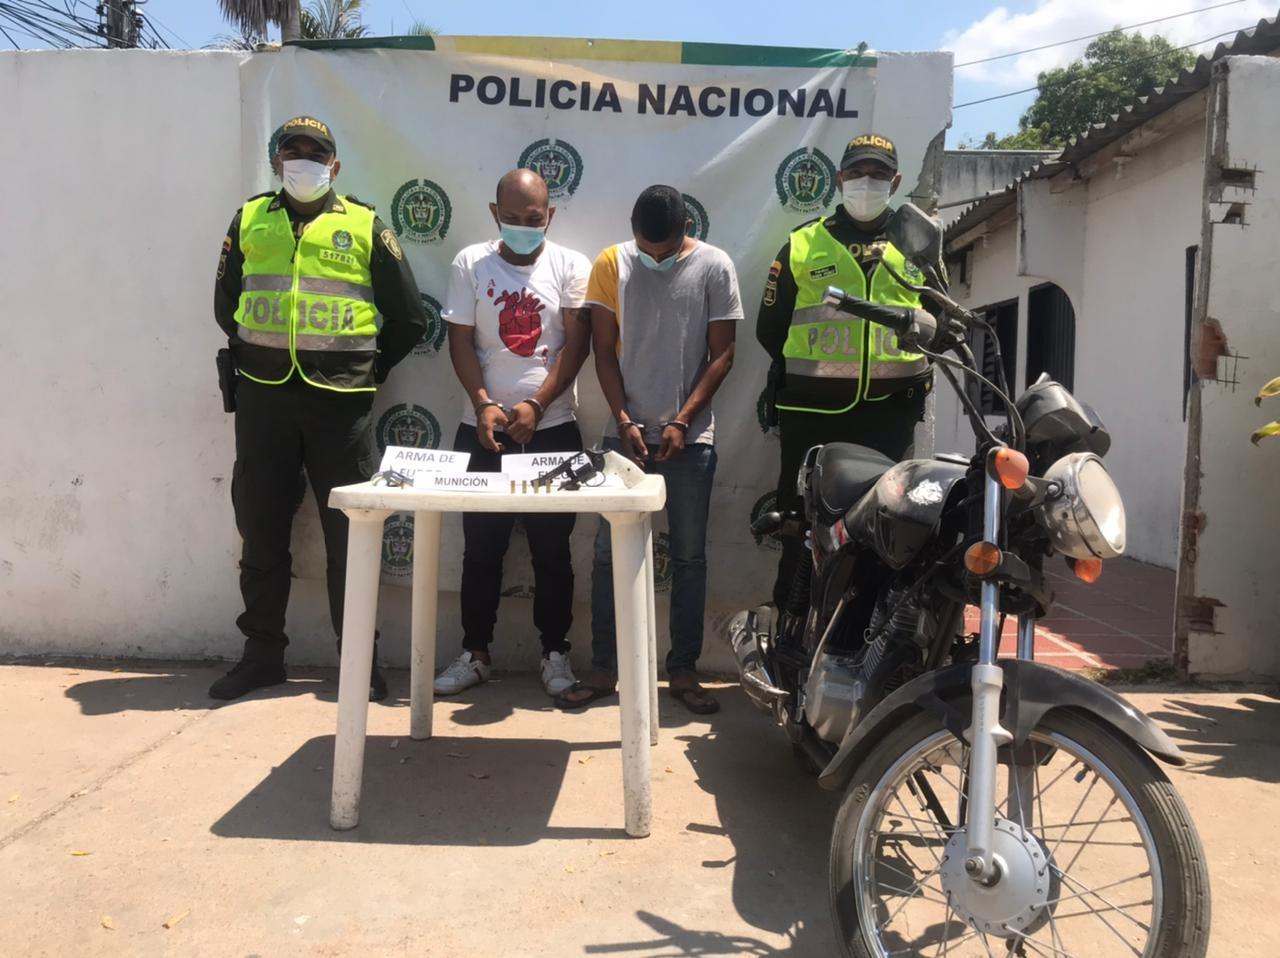 hoyennoticia.com, Pillados en Bosconia armados ilegalmente y en moto